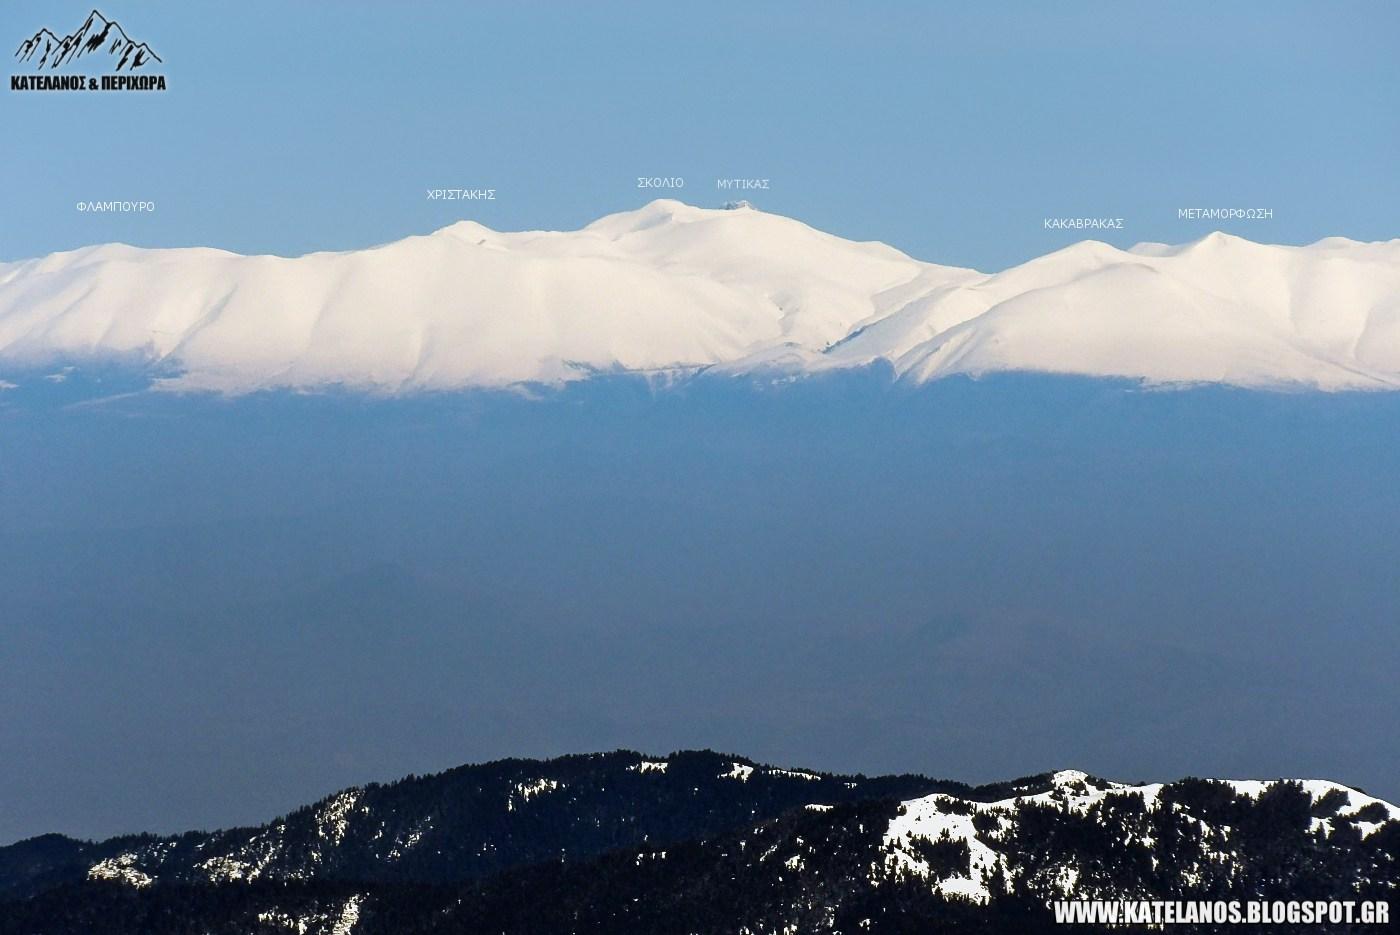 ολυμπος βουνο απο βελουχι νοτια πλευρα